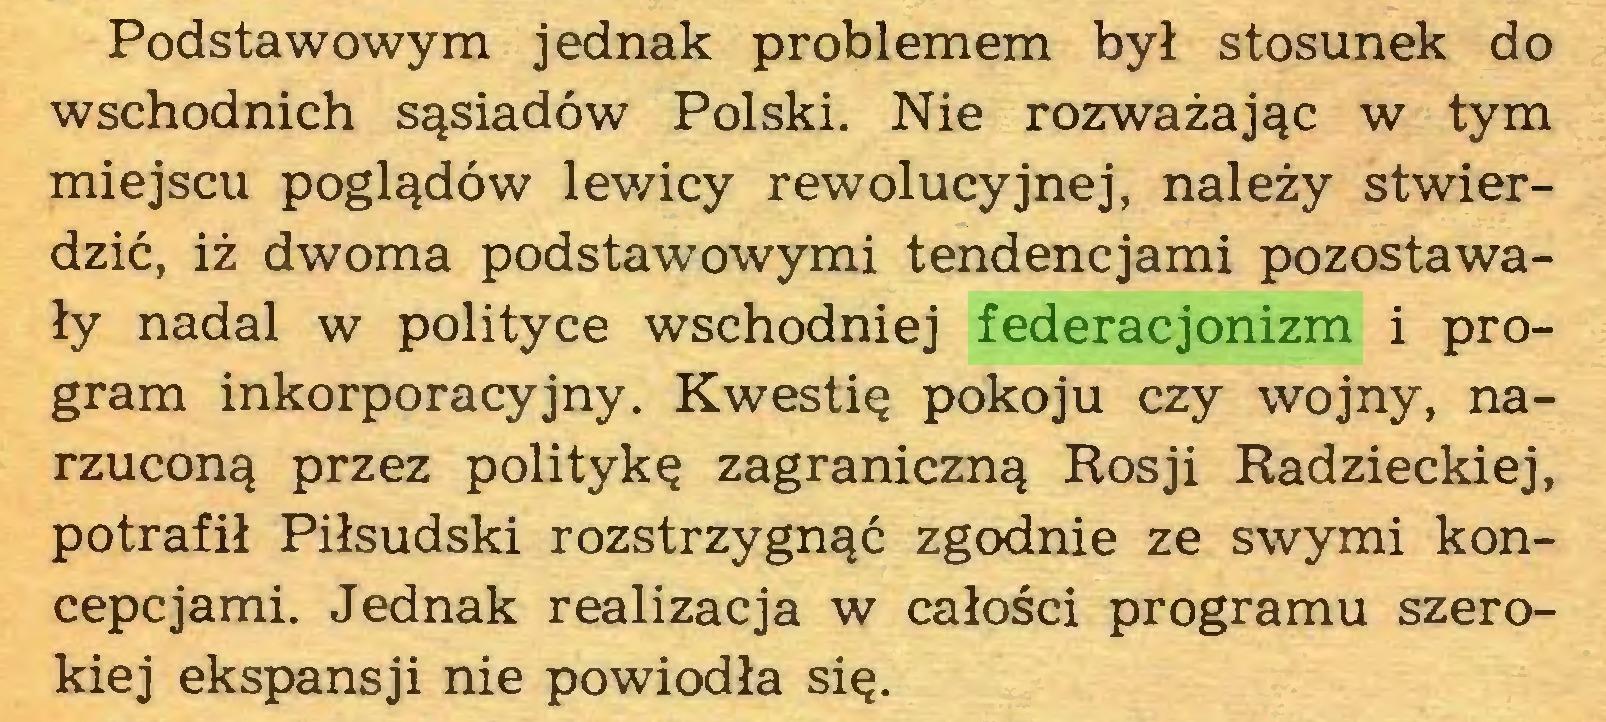 (...) Podstawowym jednak problemem był stosunek do wschodnich sąsiadów Polski. Nie rozważając w tym miejscu poglądów lewicy rewolucyjnej, należy stwierdzić, iż dwoma podstawowymi tendencjami pozostawały nadal w polityce wschodniej federacjonizm i program inkorporacyjny. Kwestię pokoju czy wojny, narzuconą przez politykę zagraniczną Rosji Radzieckiej, potrafił Piłsudski rozstrzygnąć zgodnie ze swymi koncepcjami. Jednak realizacja w całości programu szerokiej ekspansji nie powiodła się...